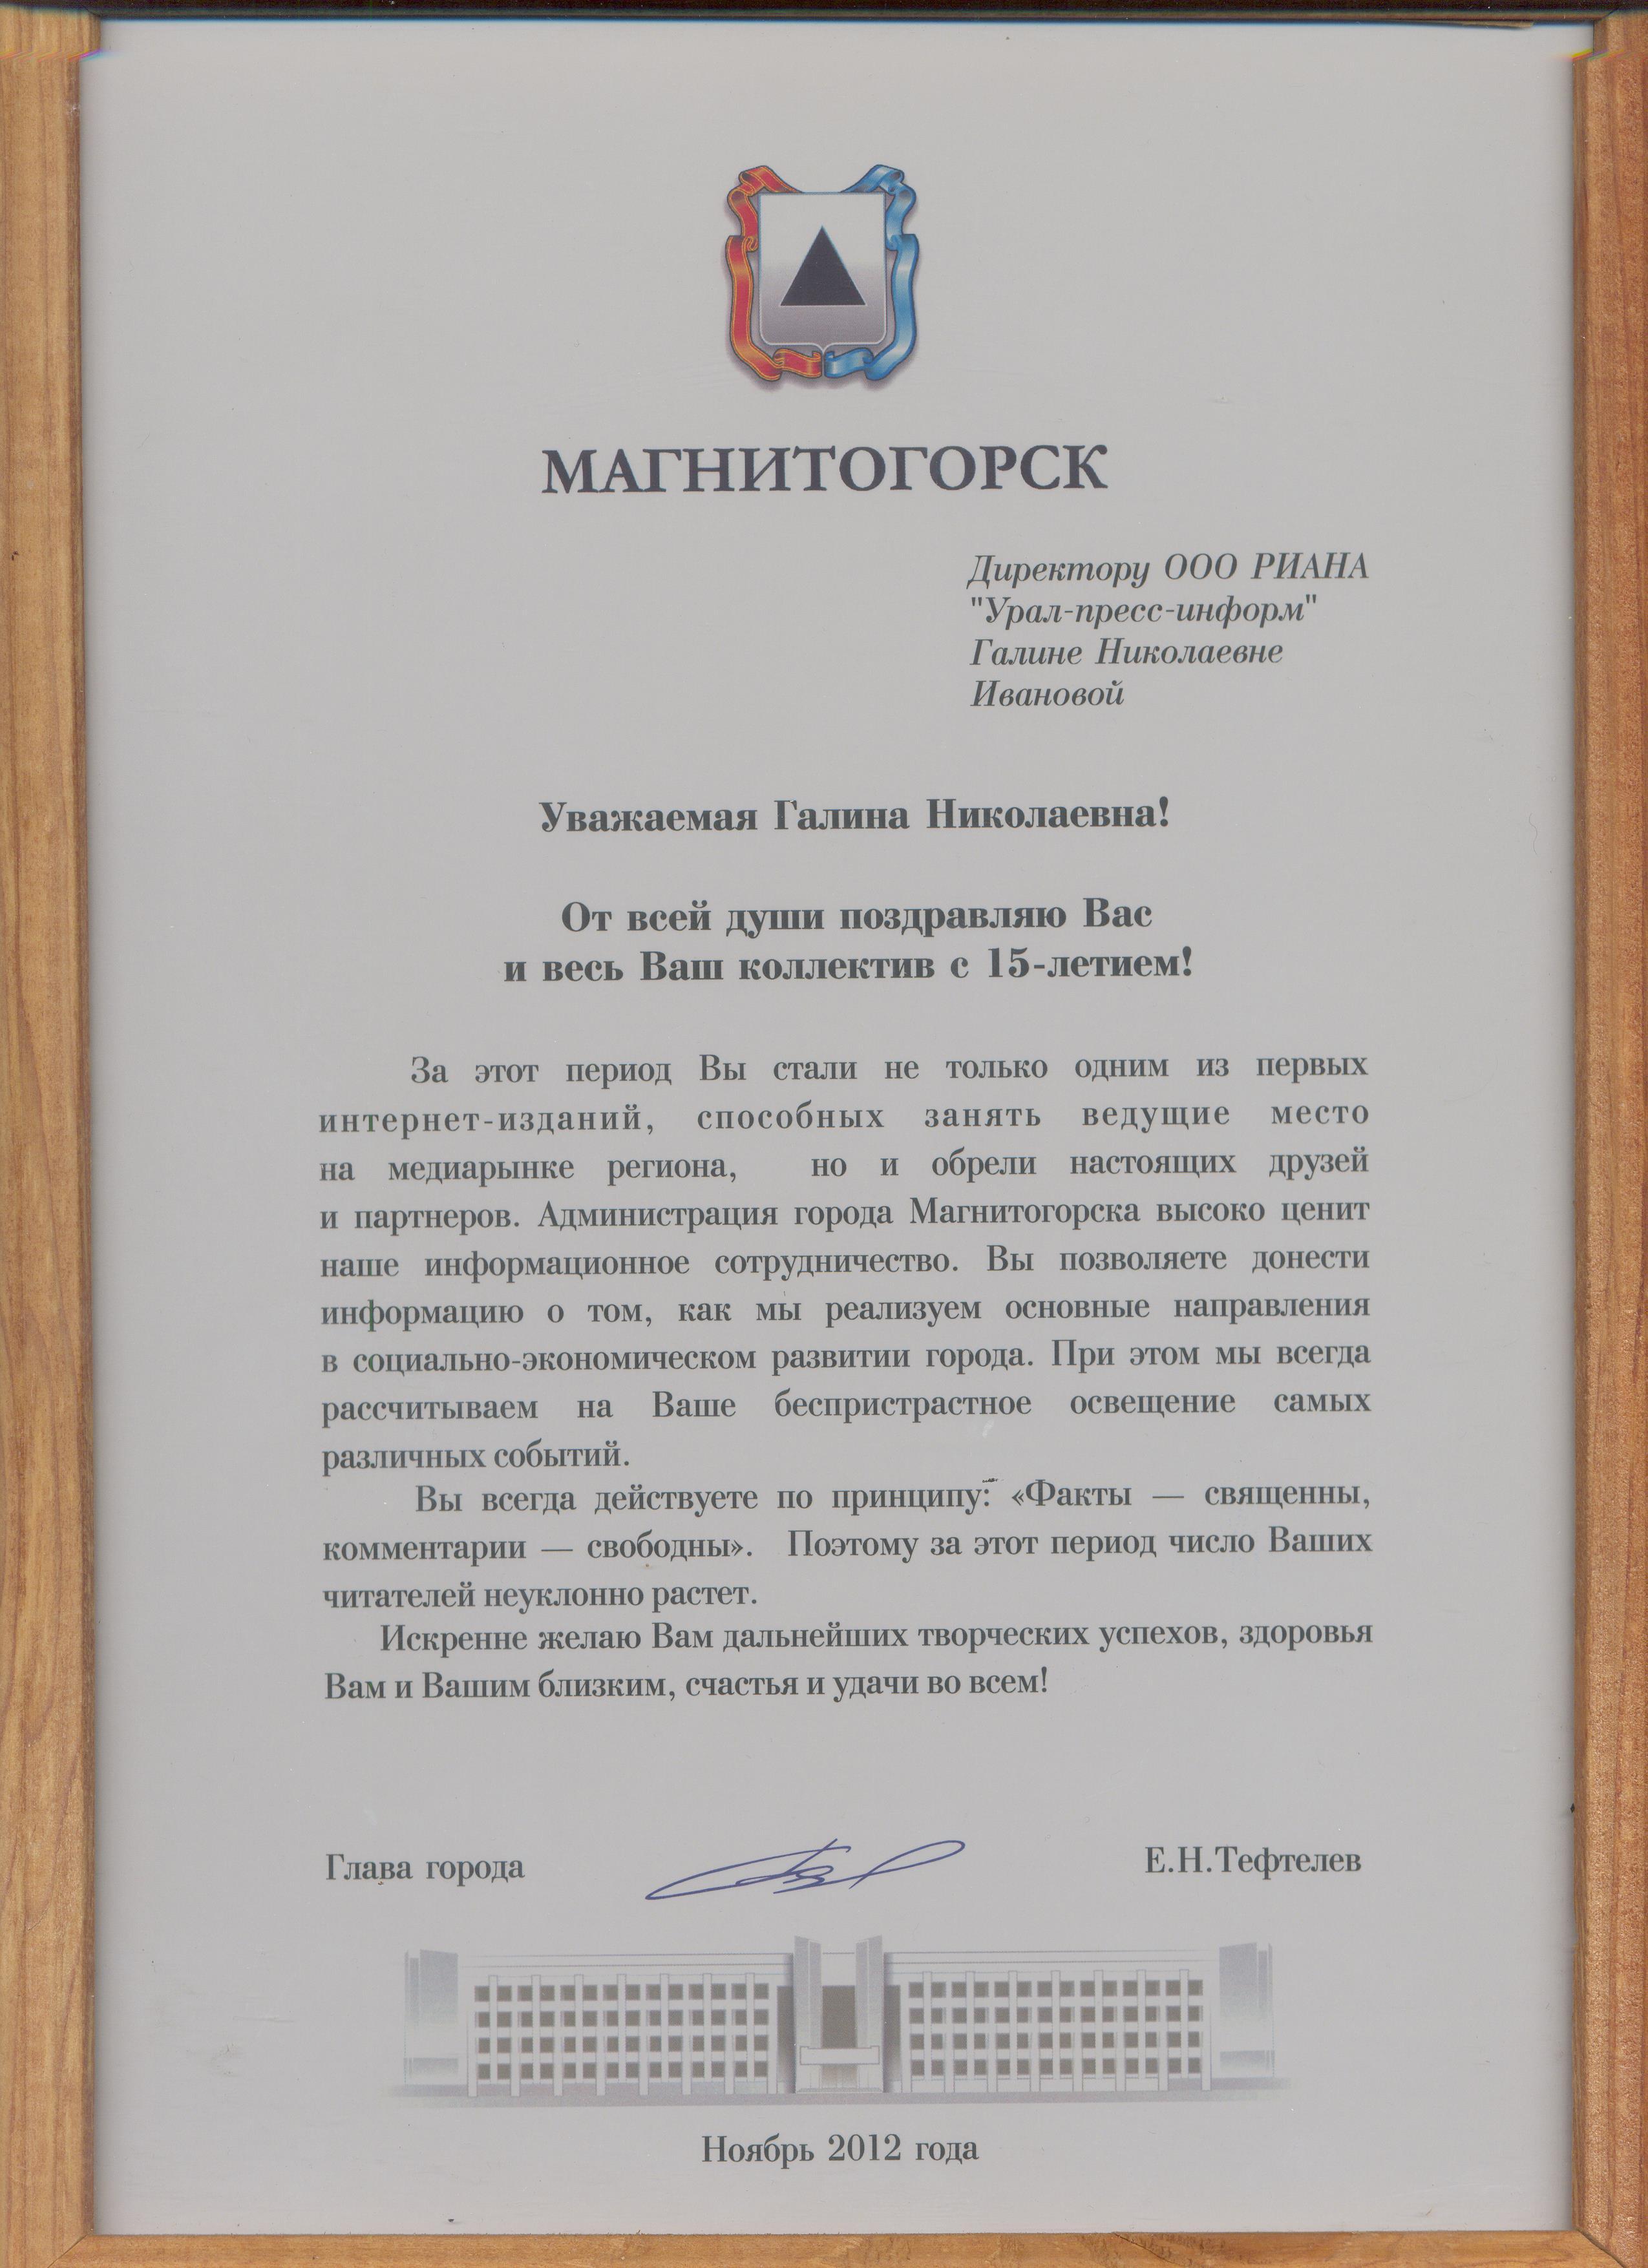 2012   Администрация города Магнитогорска